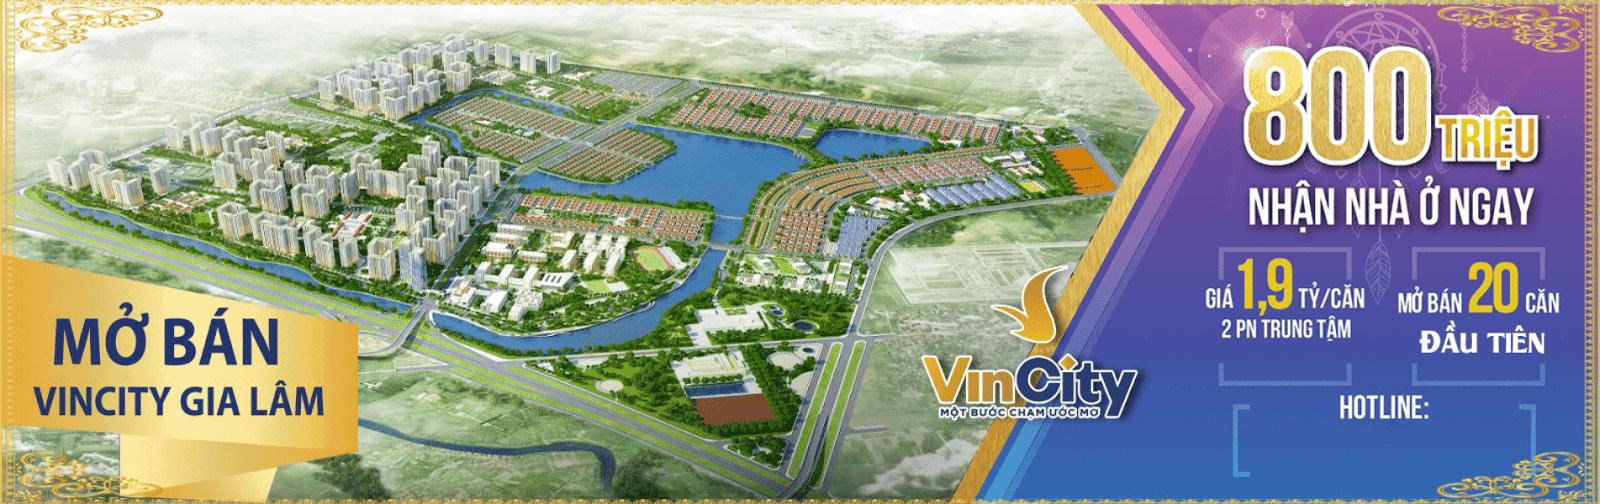 Khu đô thị Bất động sản Vincity Gia Lâm